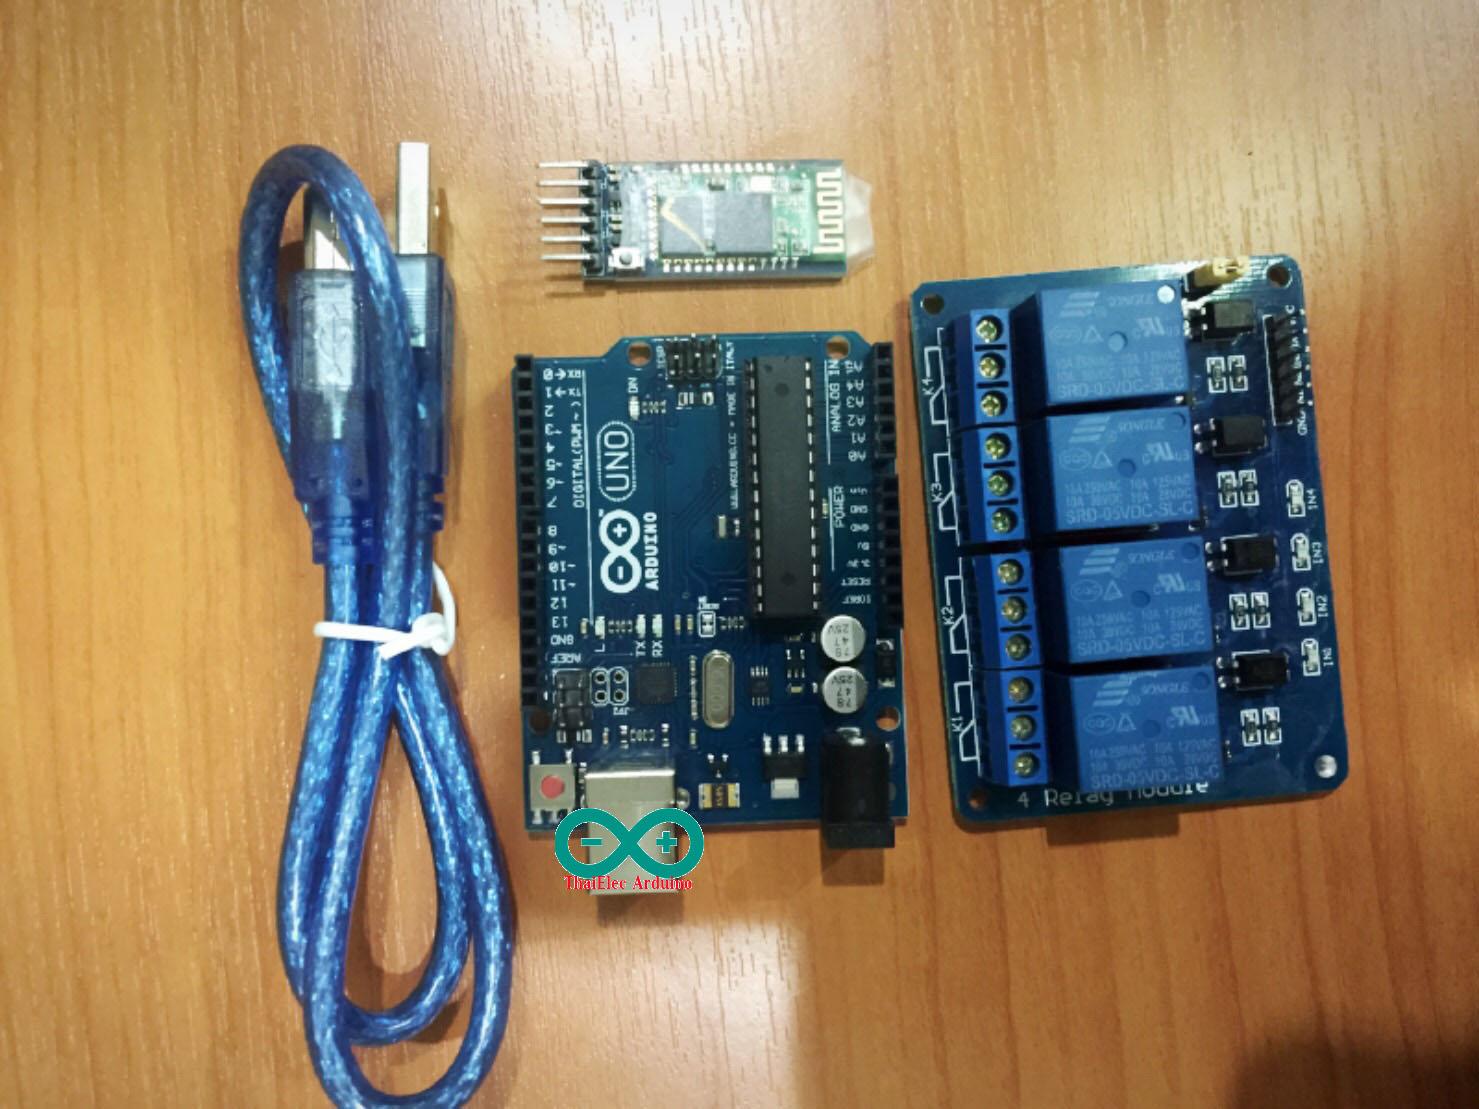 ชุดยอดนิยมควบคุมไฟฟ้าน Bluetooth Arduino Uno R3 + Relay 4 Out + Bluetooth (HC-05 หรือ HC-06)